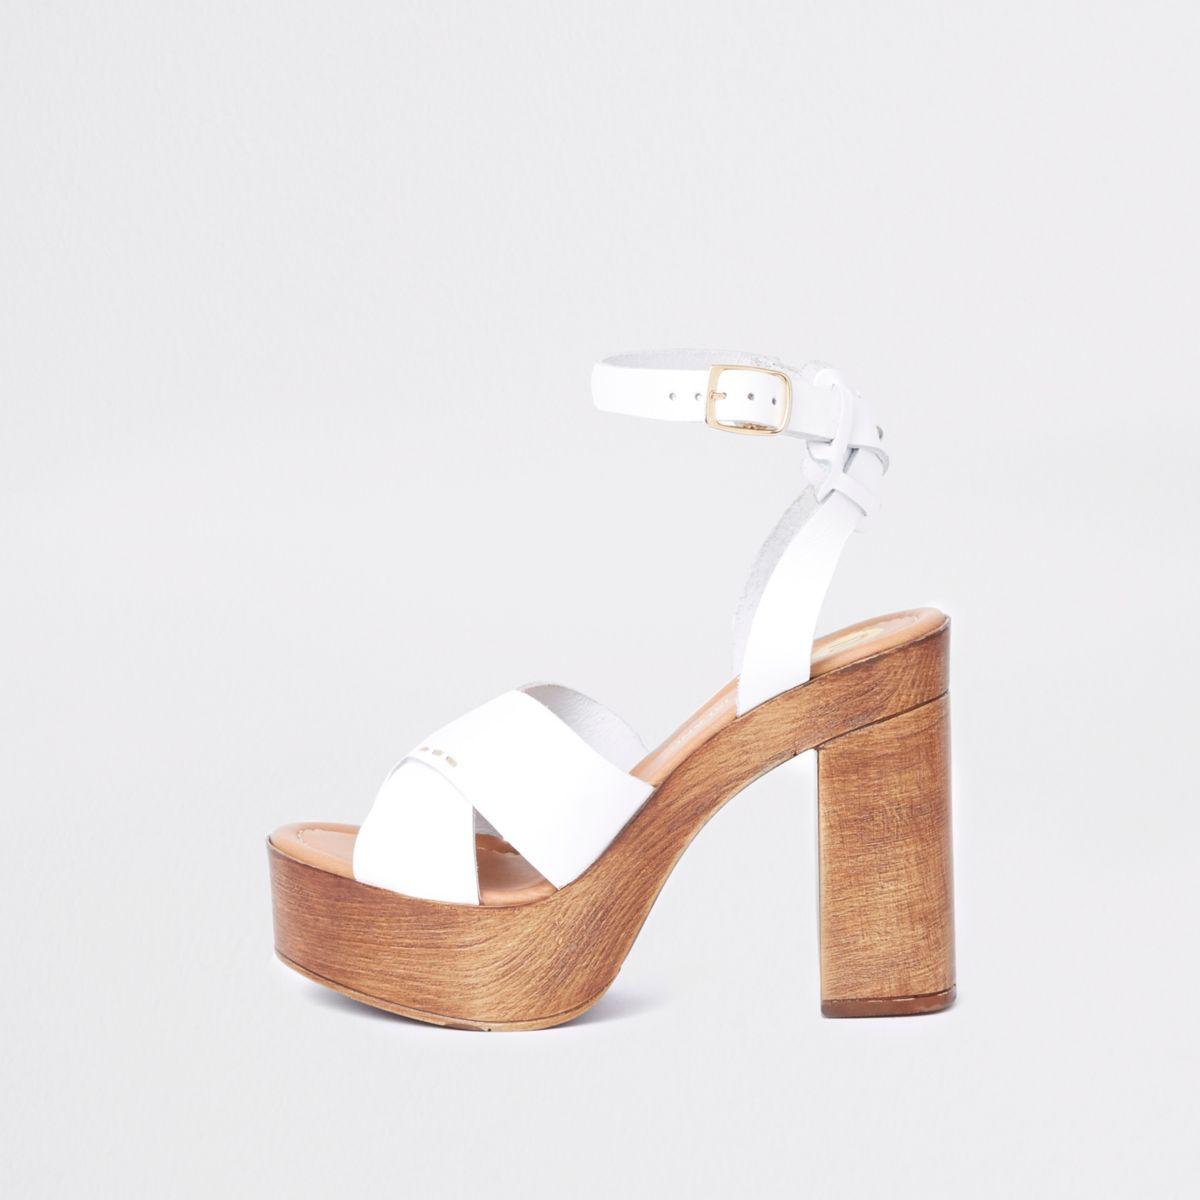 White cross strap platform heel sandals